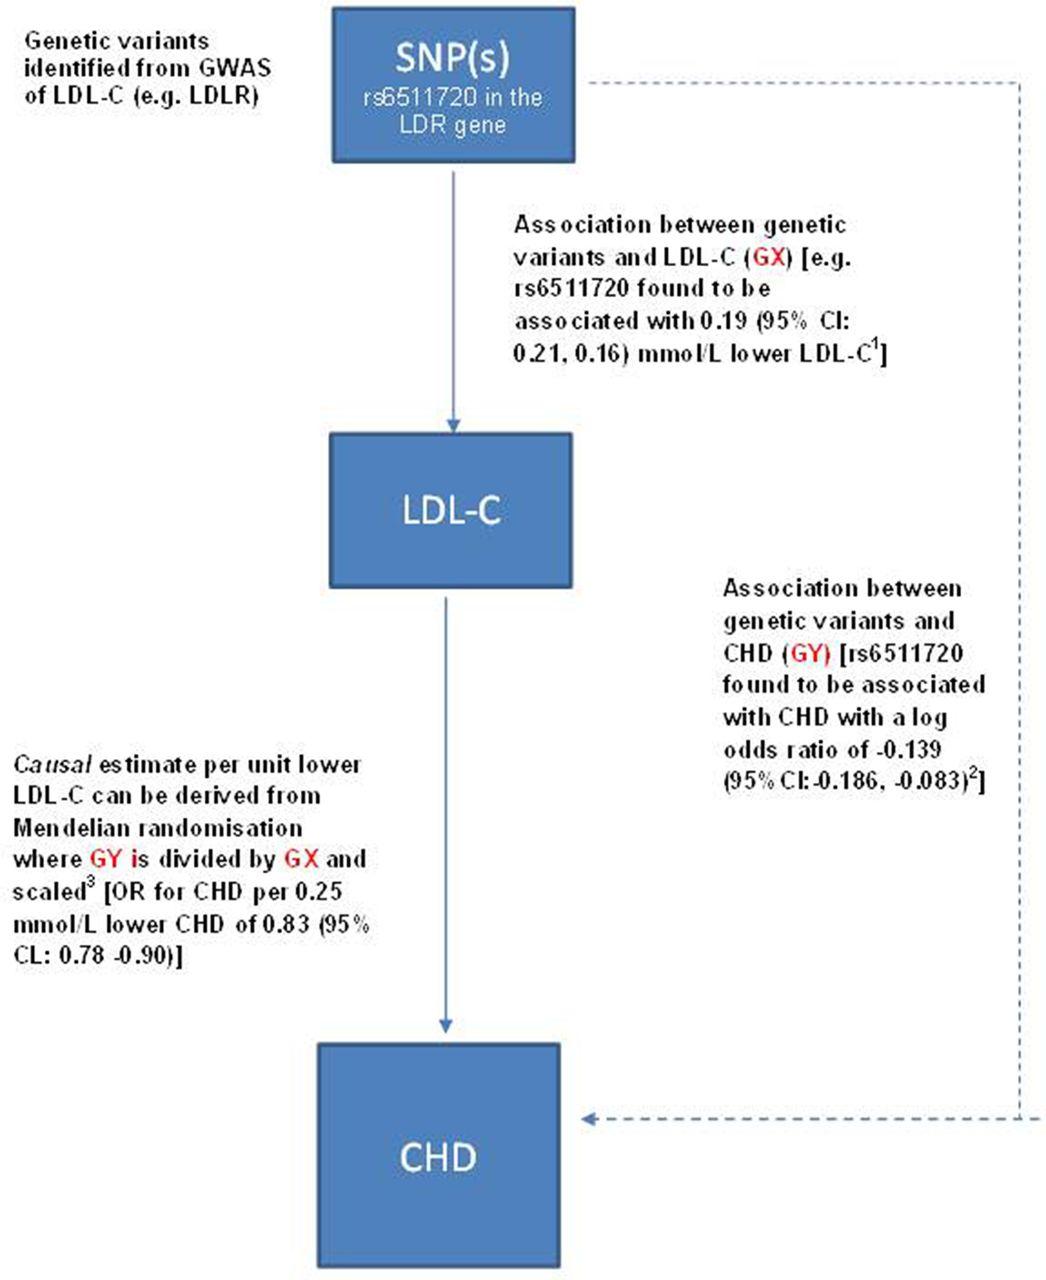 Mendelian randomisation in cardiovascular research: an